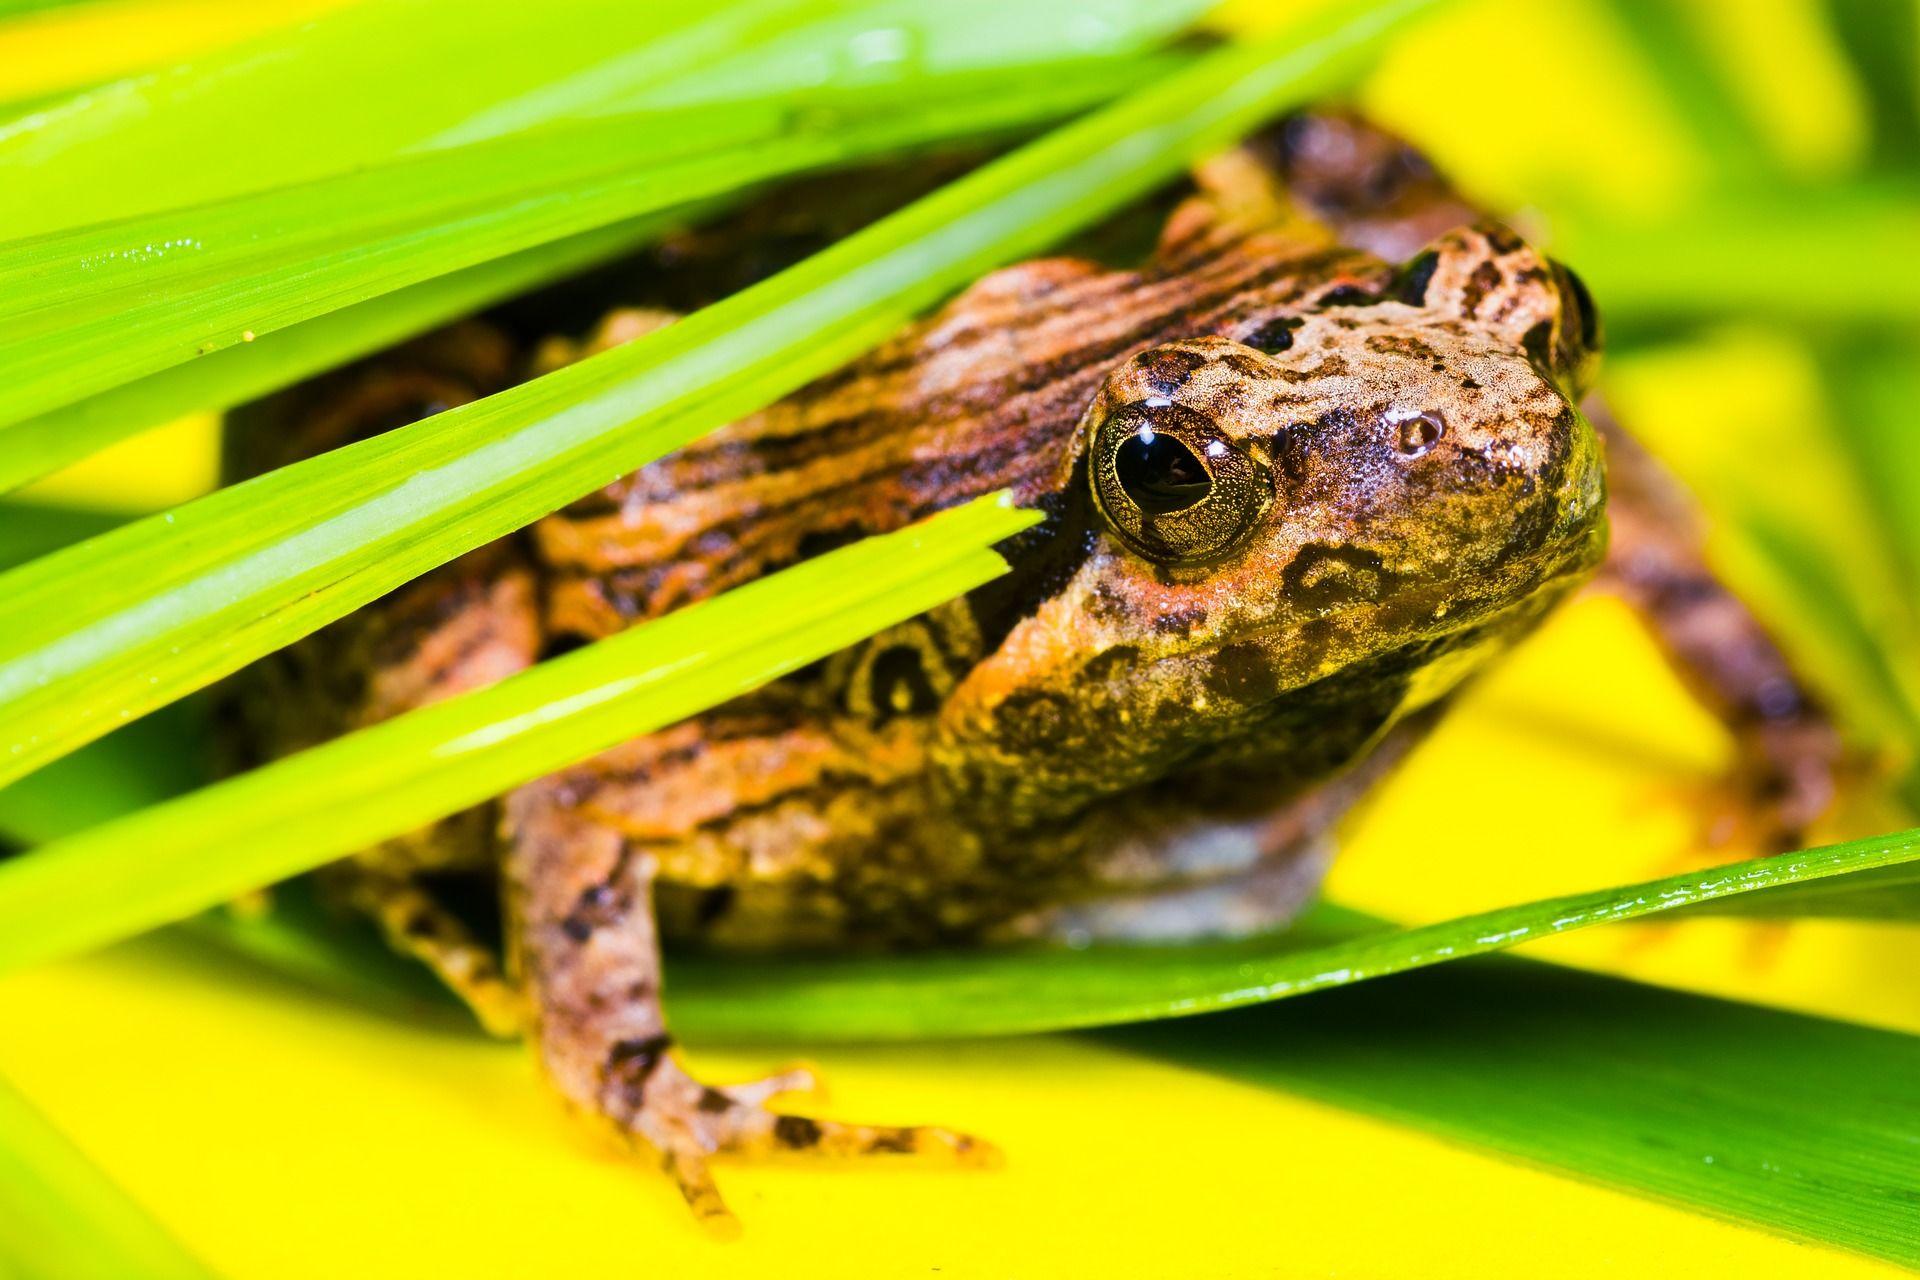 Скачать бесплатно лучшее фото жабы в хорошем качестве